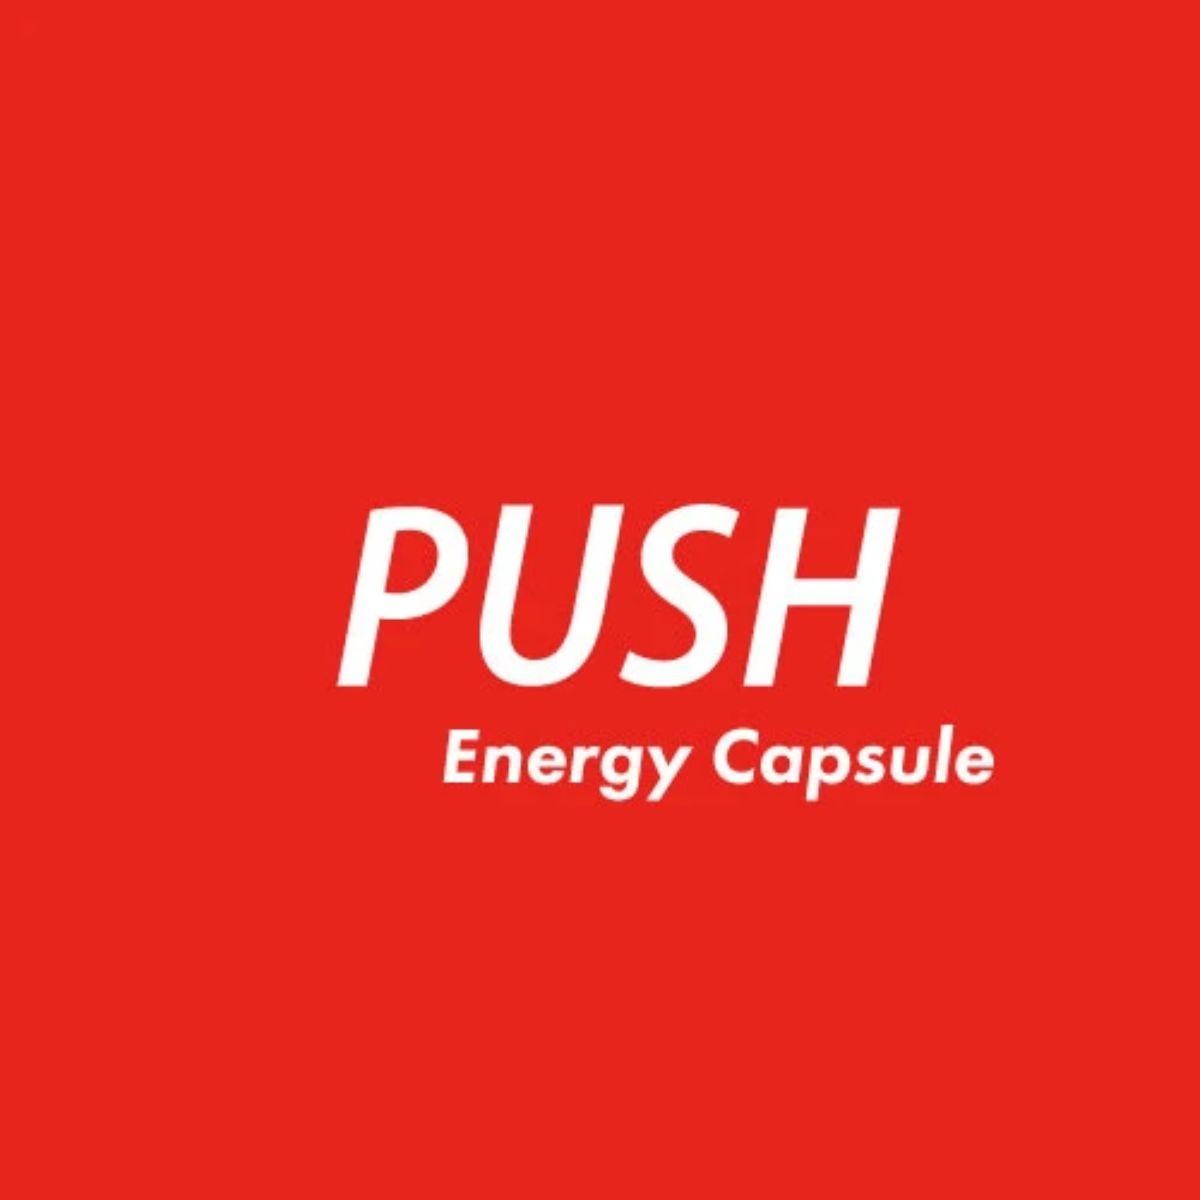 カプセル型エナジーチャージ「PUSH」